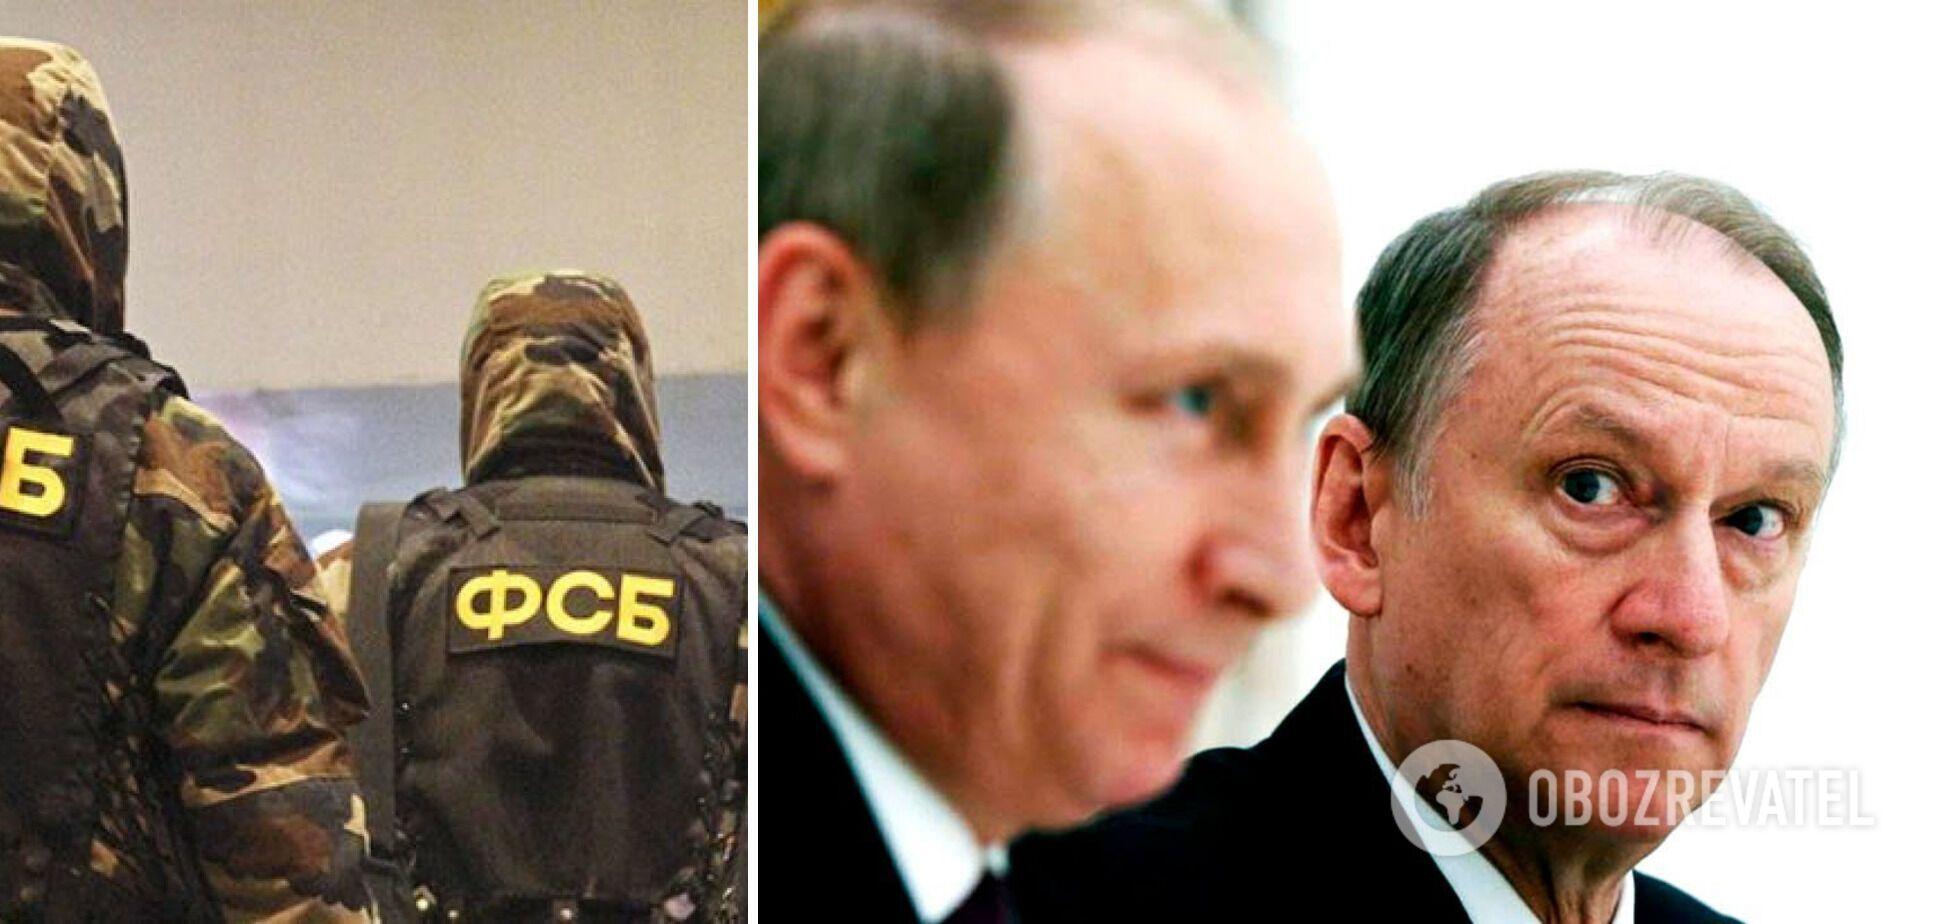 Патрушев и 'украинские диверсанты': зачем Кремль демонизирует Украину